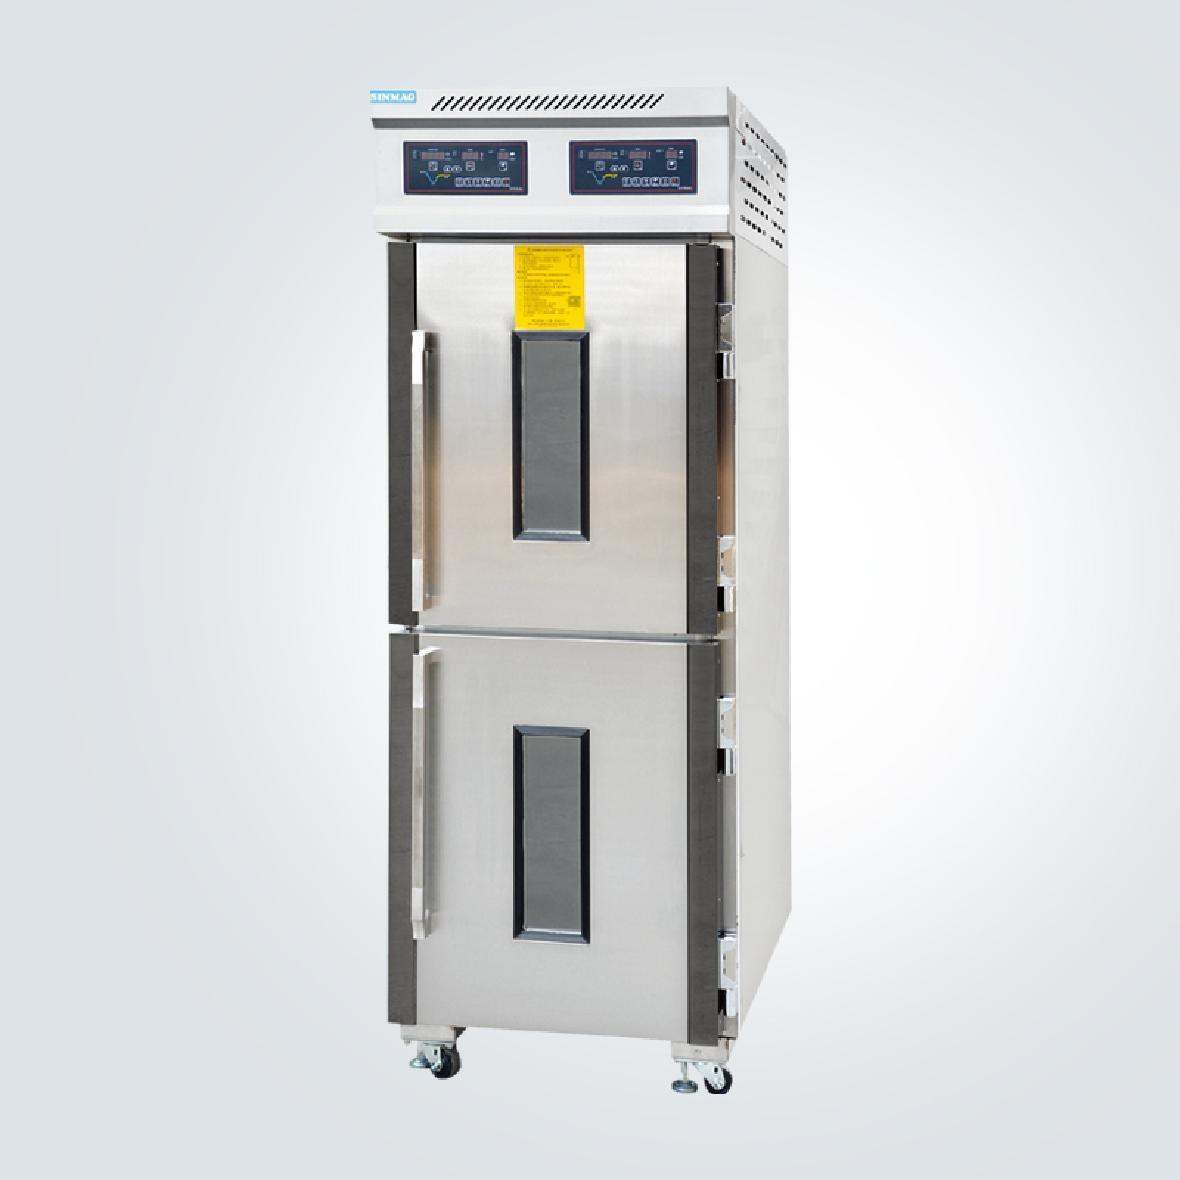 凍藏醒發箱 LG-236S